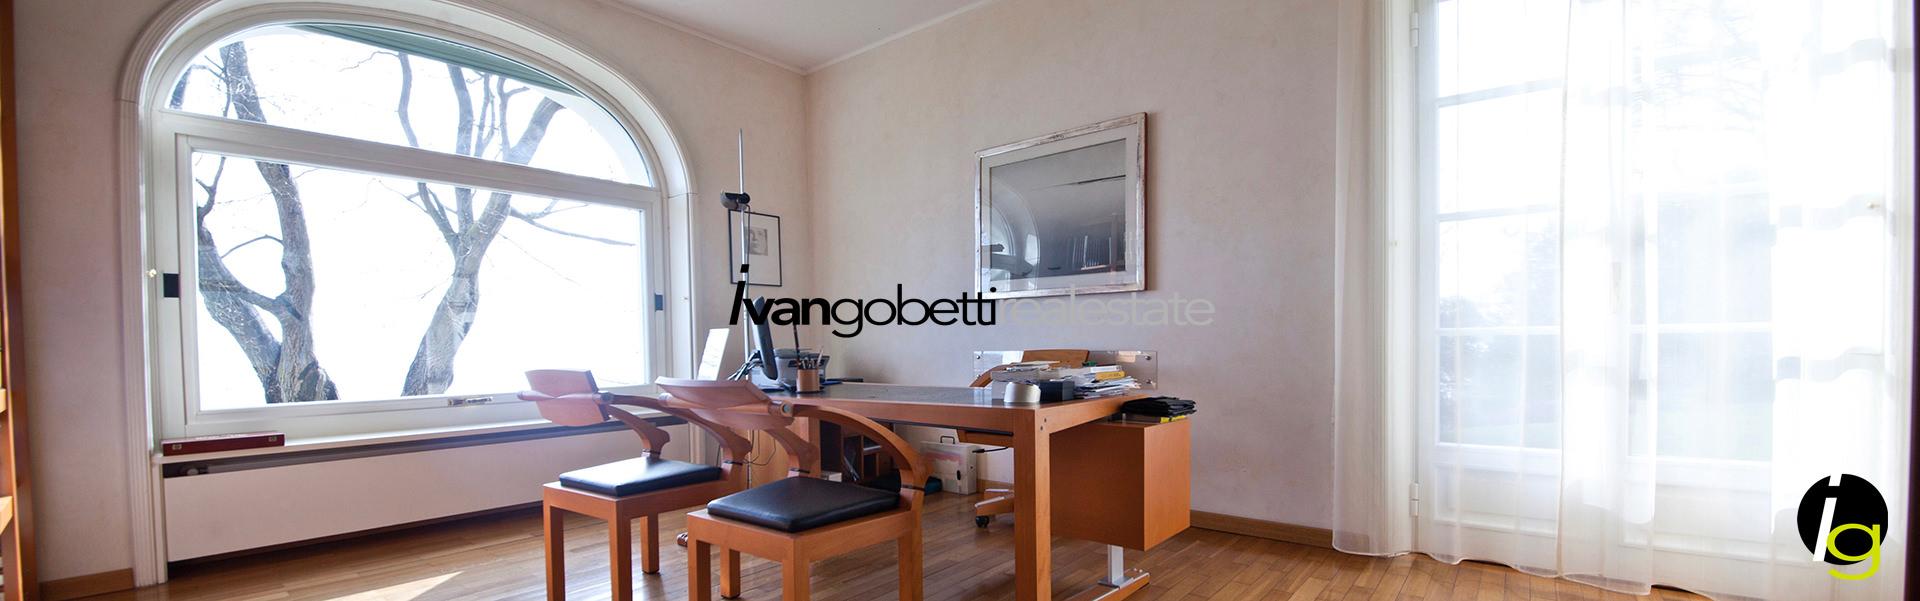 Vendesi,Lago Maggiore,Verbania Villa con parco e vista Golfo Borromeo